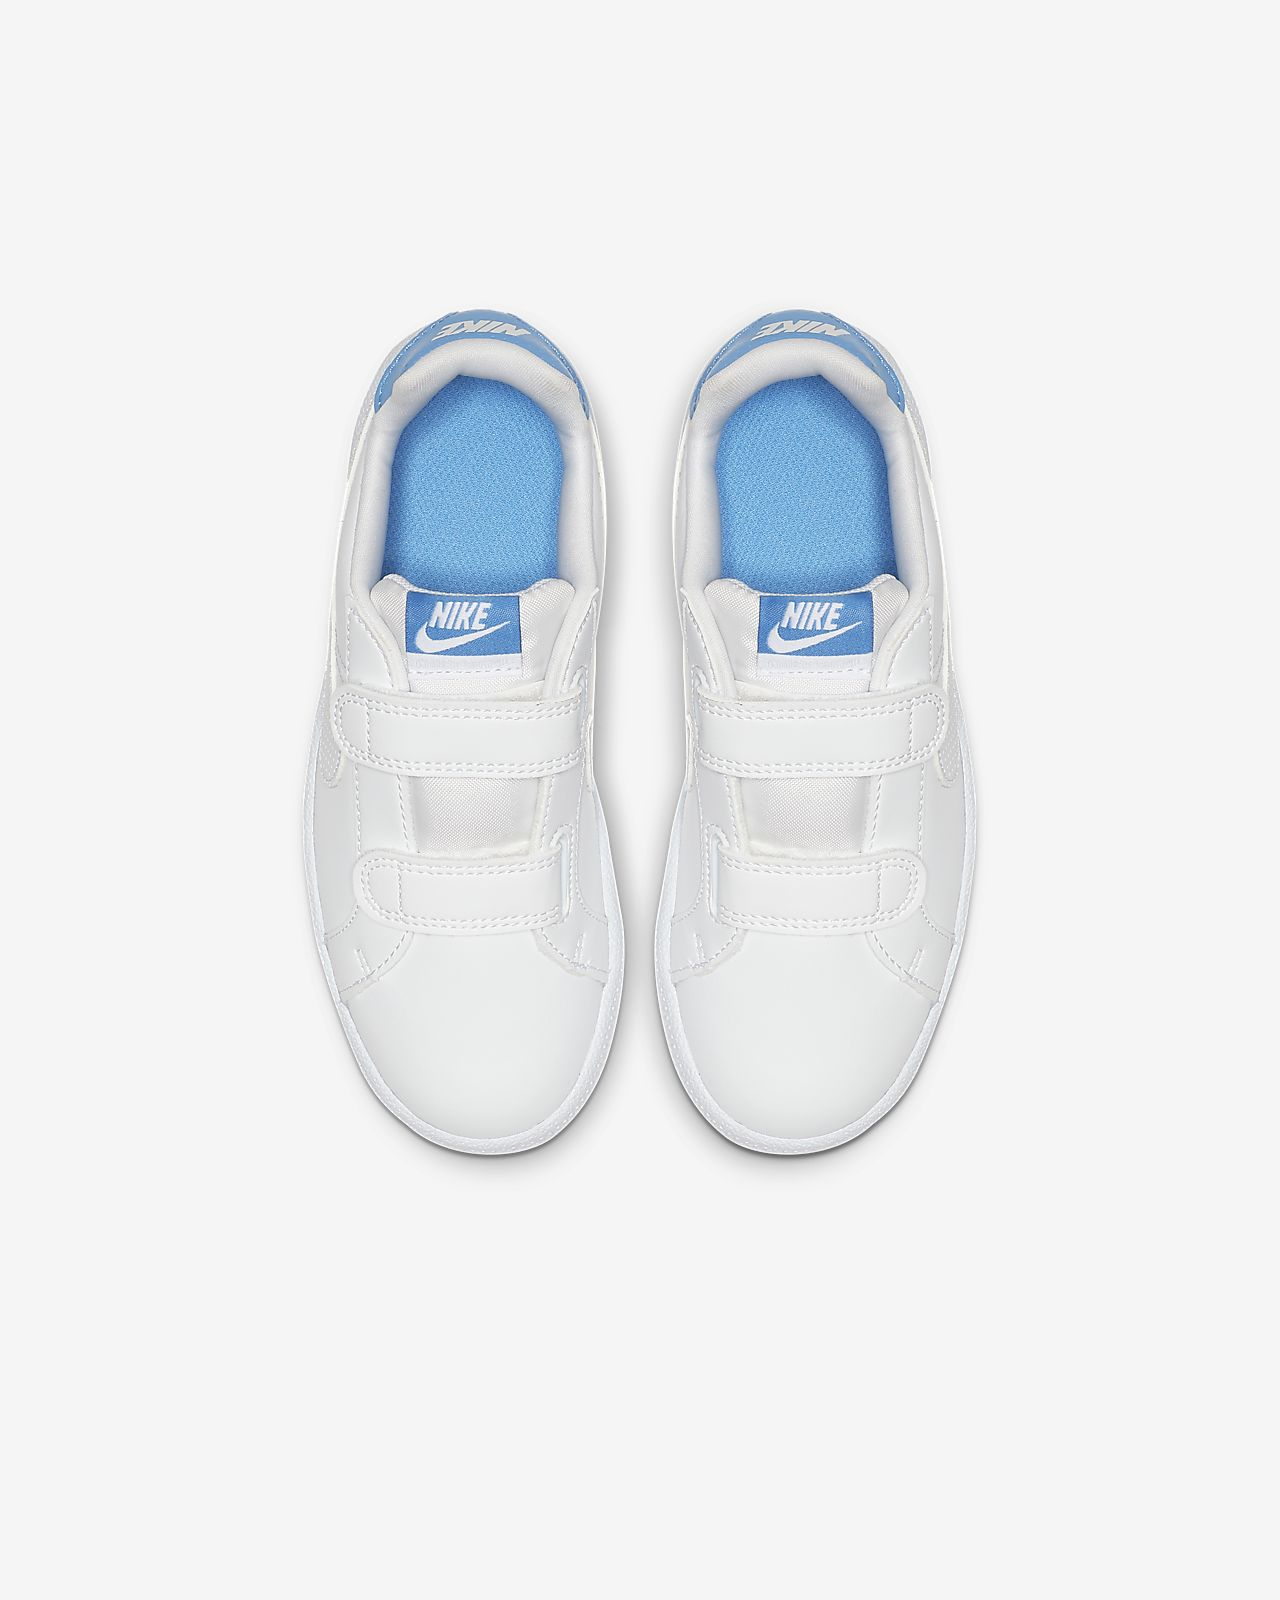 a6b3448c05c Calzado para niños talla pequeña NikeCourt Royale. Nike.com MX